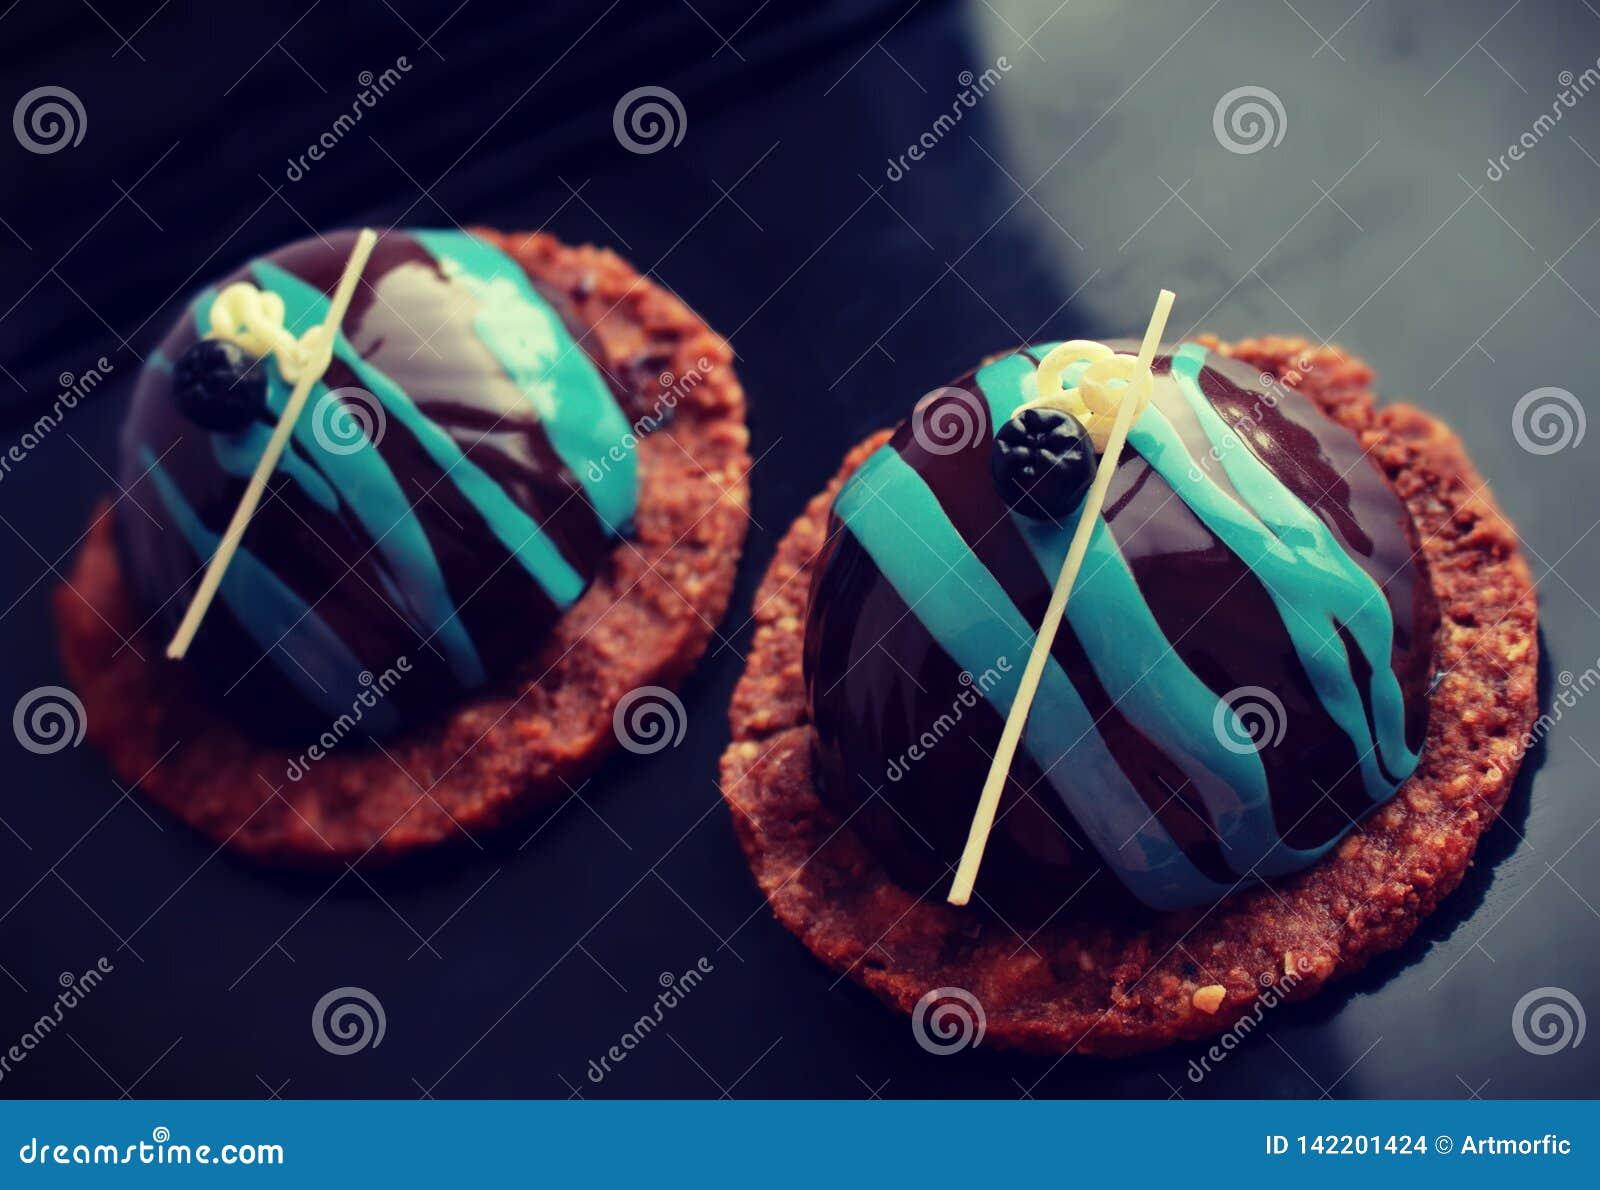 Sobremesas pretas e azuis na base da cookie